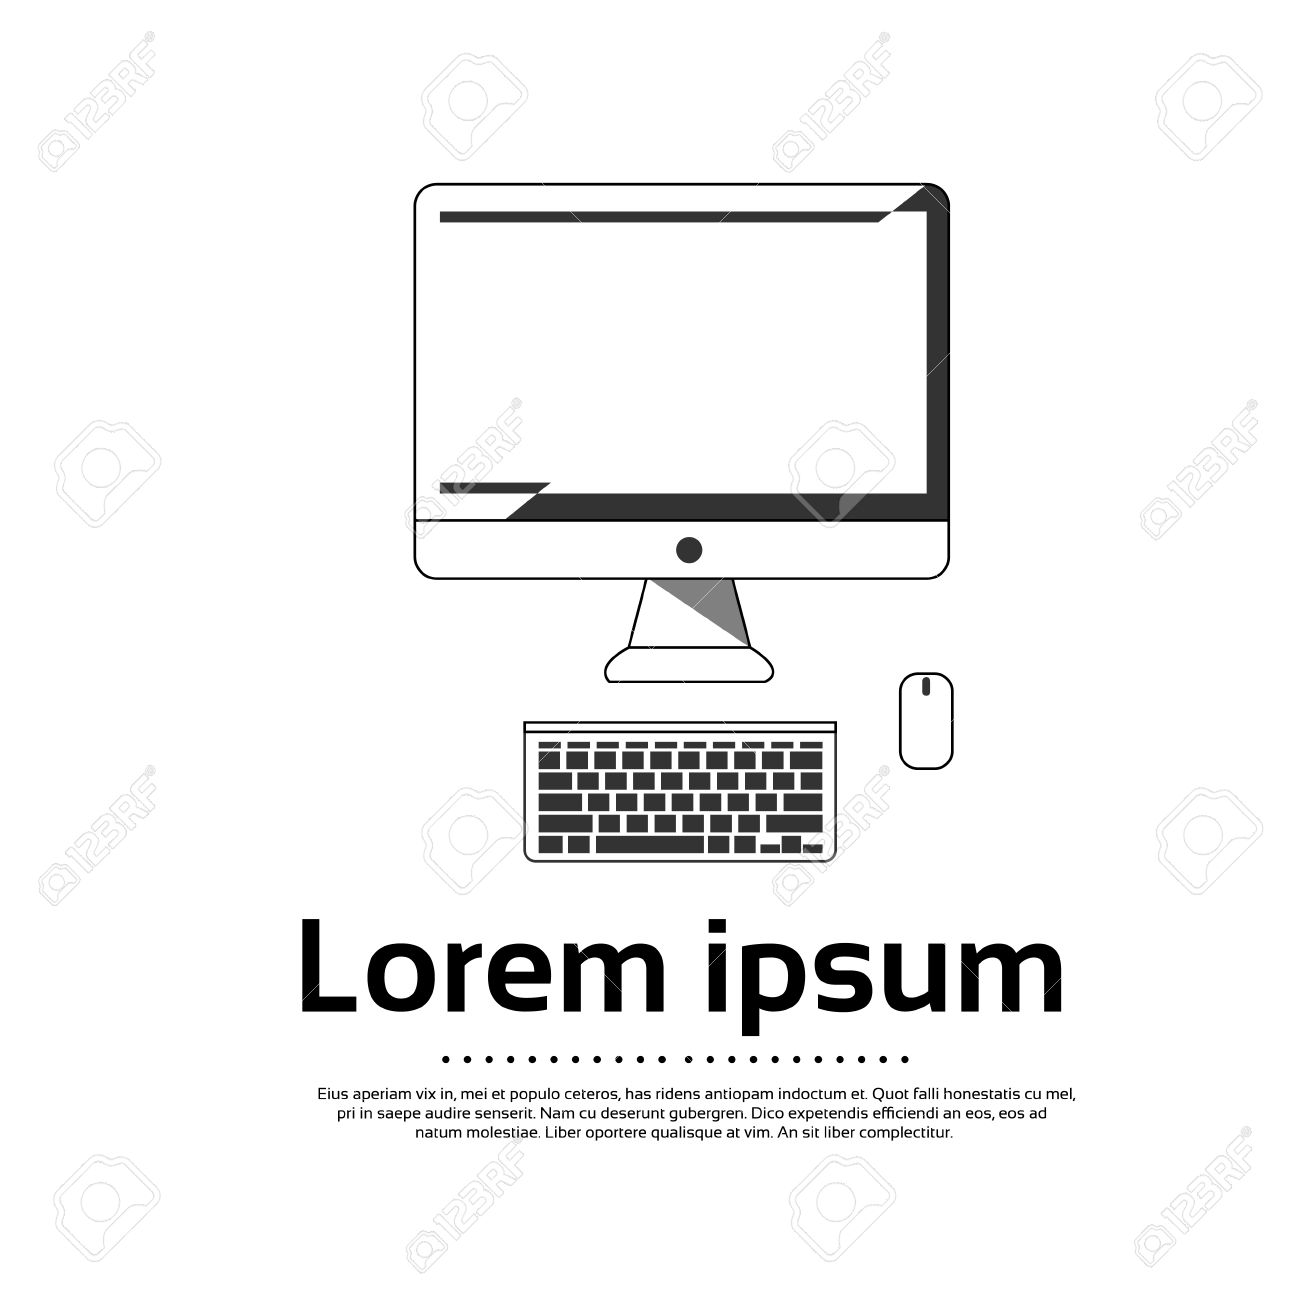 デスクトップ ロゴ コンピューター ワークステーション アイコン